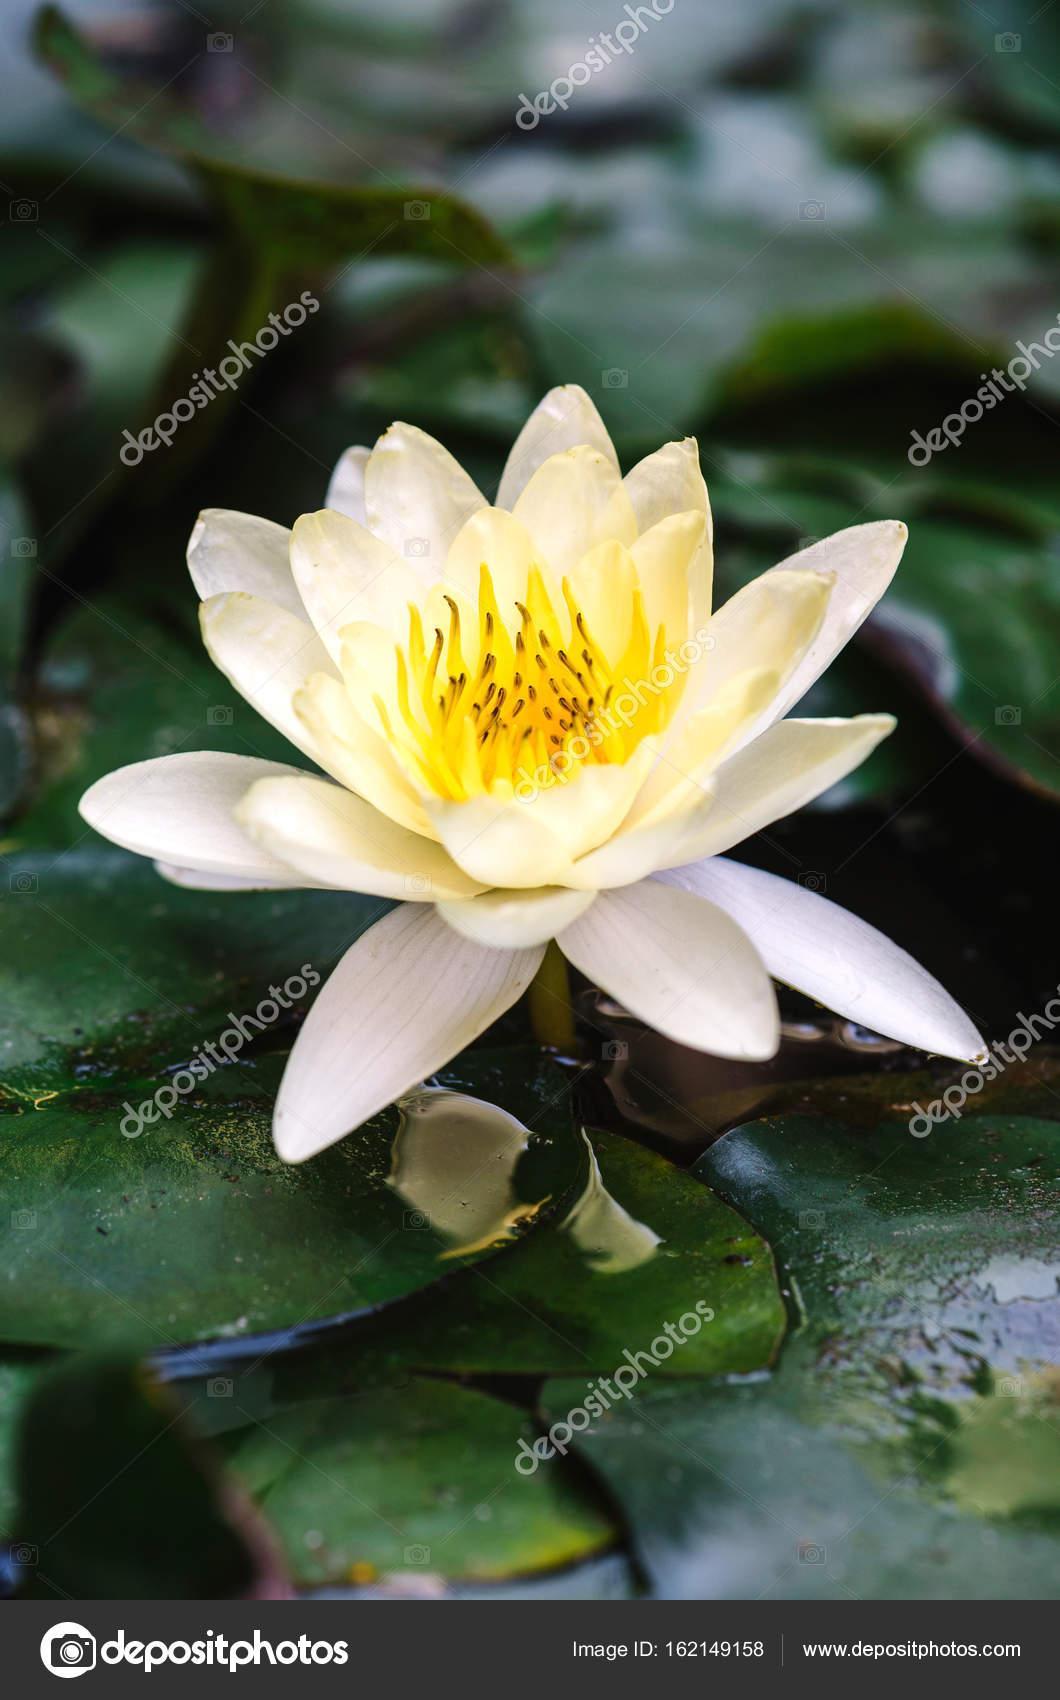 Beyaz lotus iei at stok foto uroszunic 162149158 beyaz lotus iei at stok fotoraf mightylinksfo